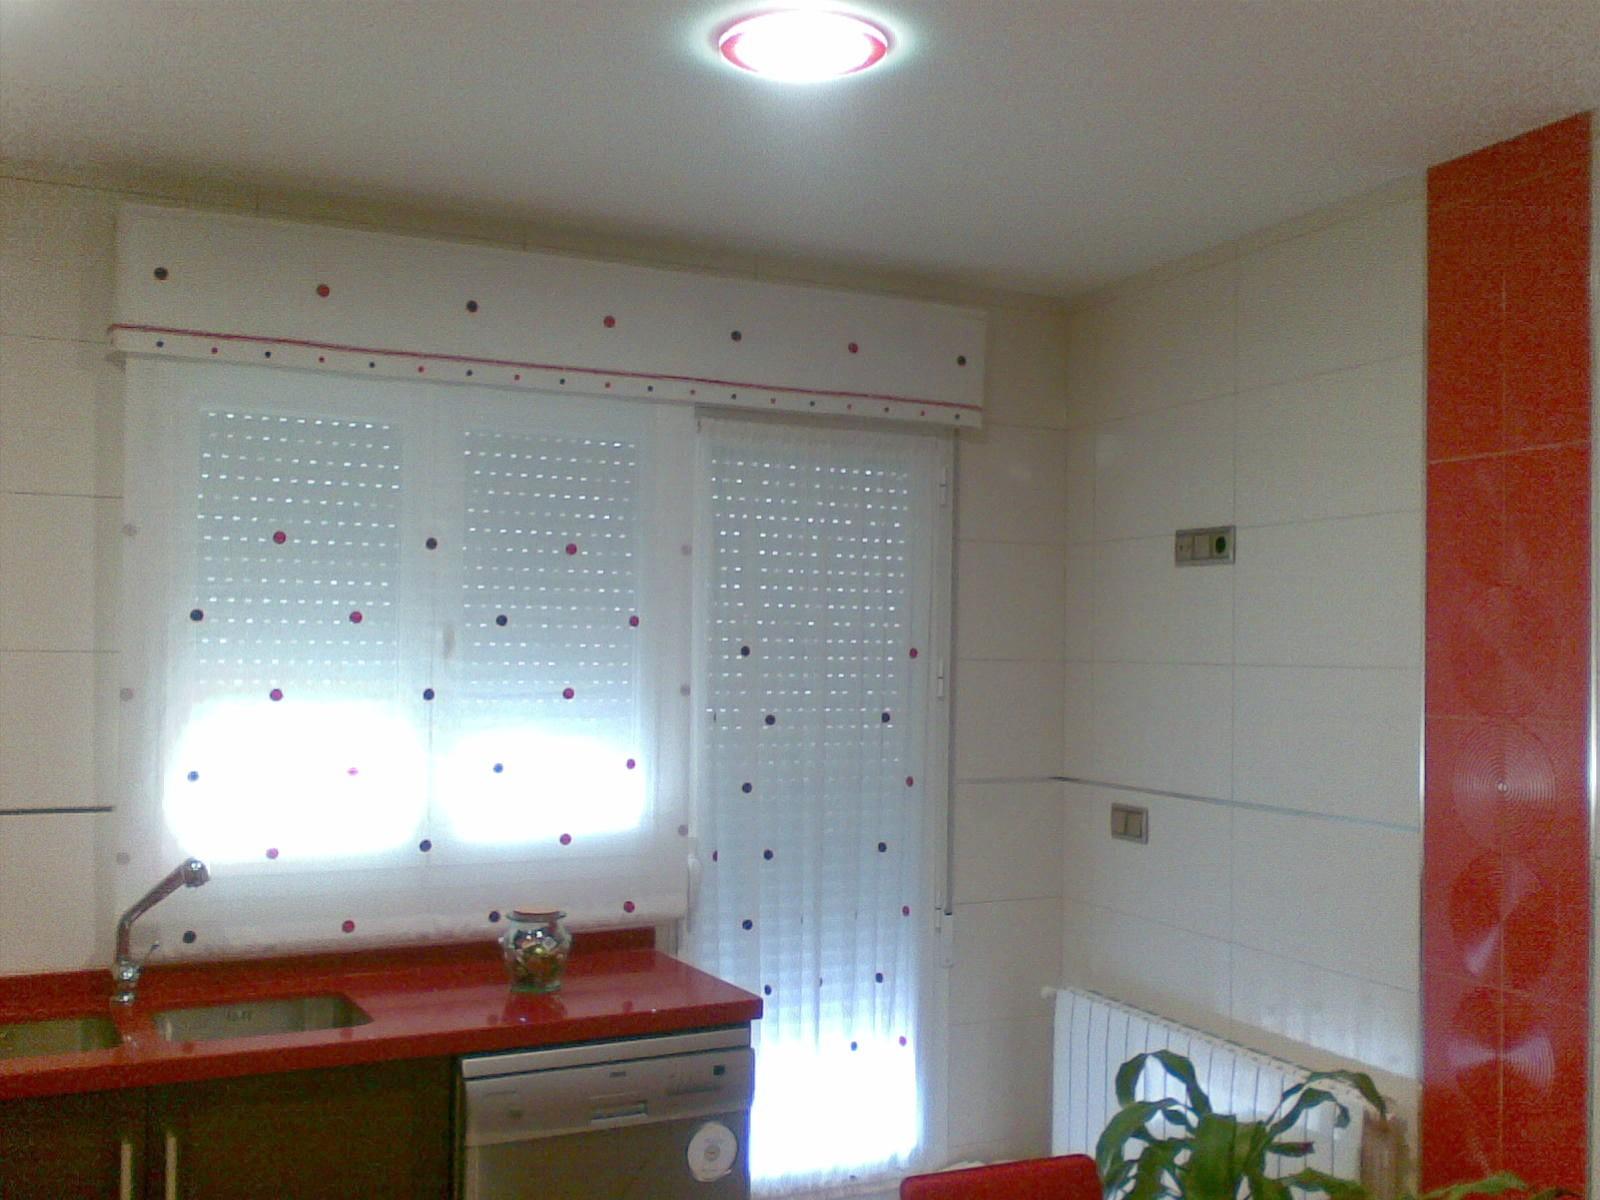 Decoracion mueble sofa cortinas cocina puerta terraza for Muebles de cocina con cortinas